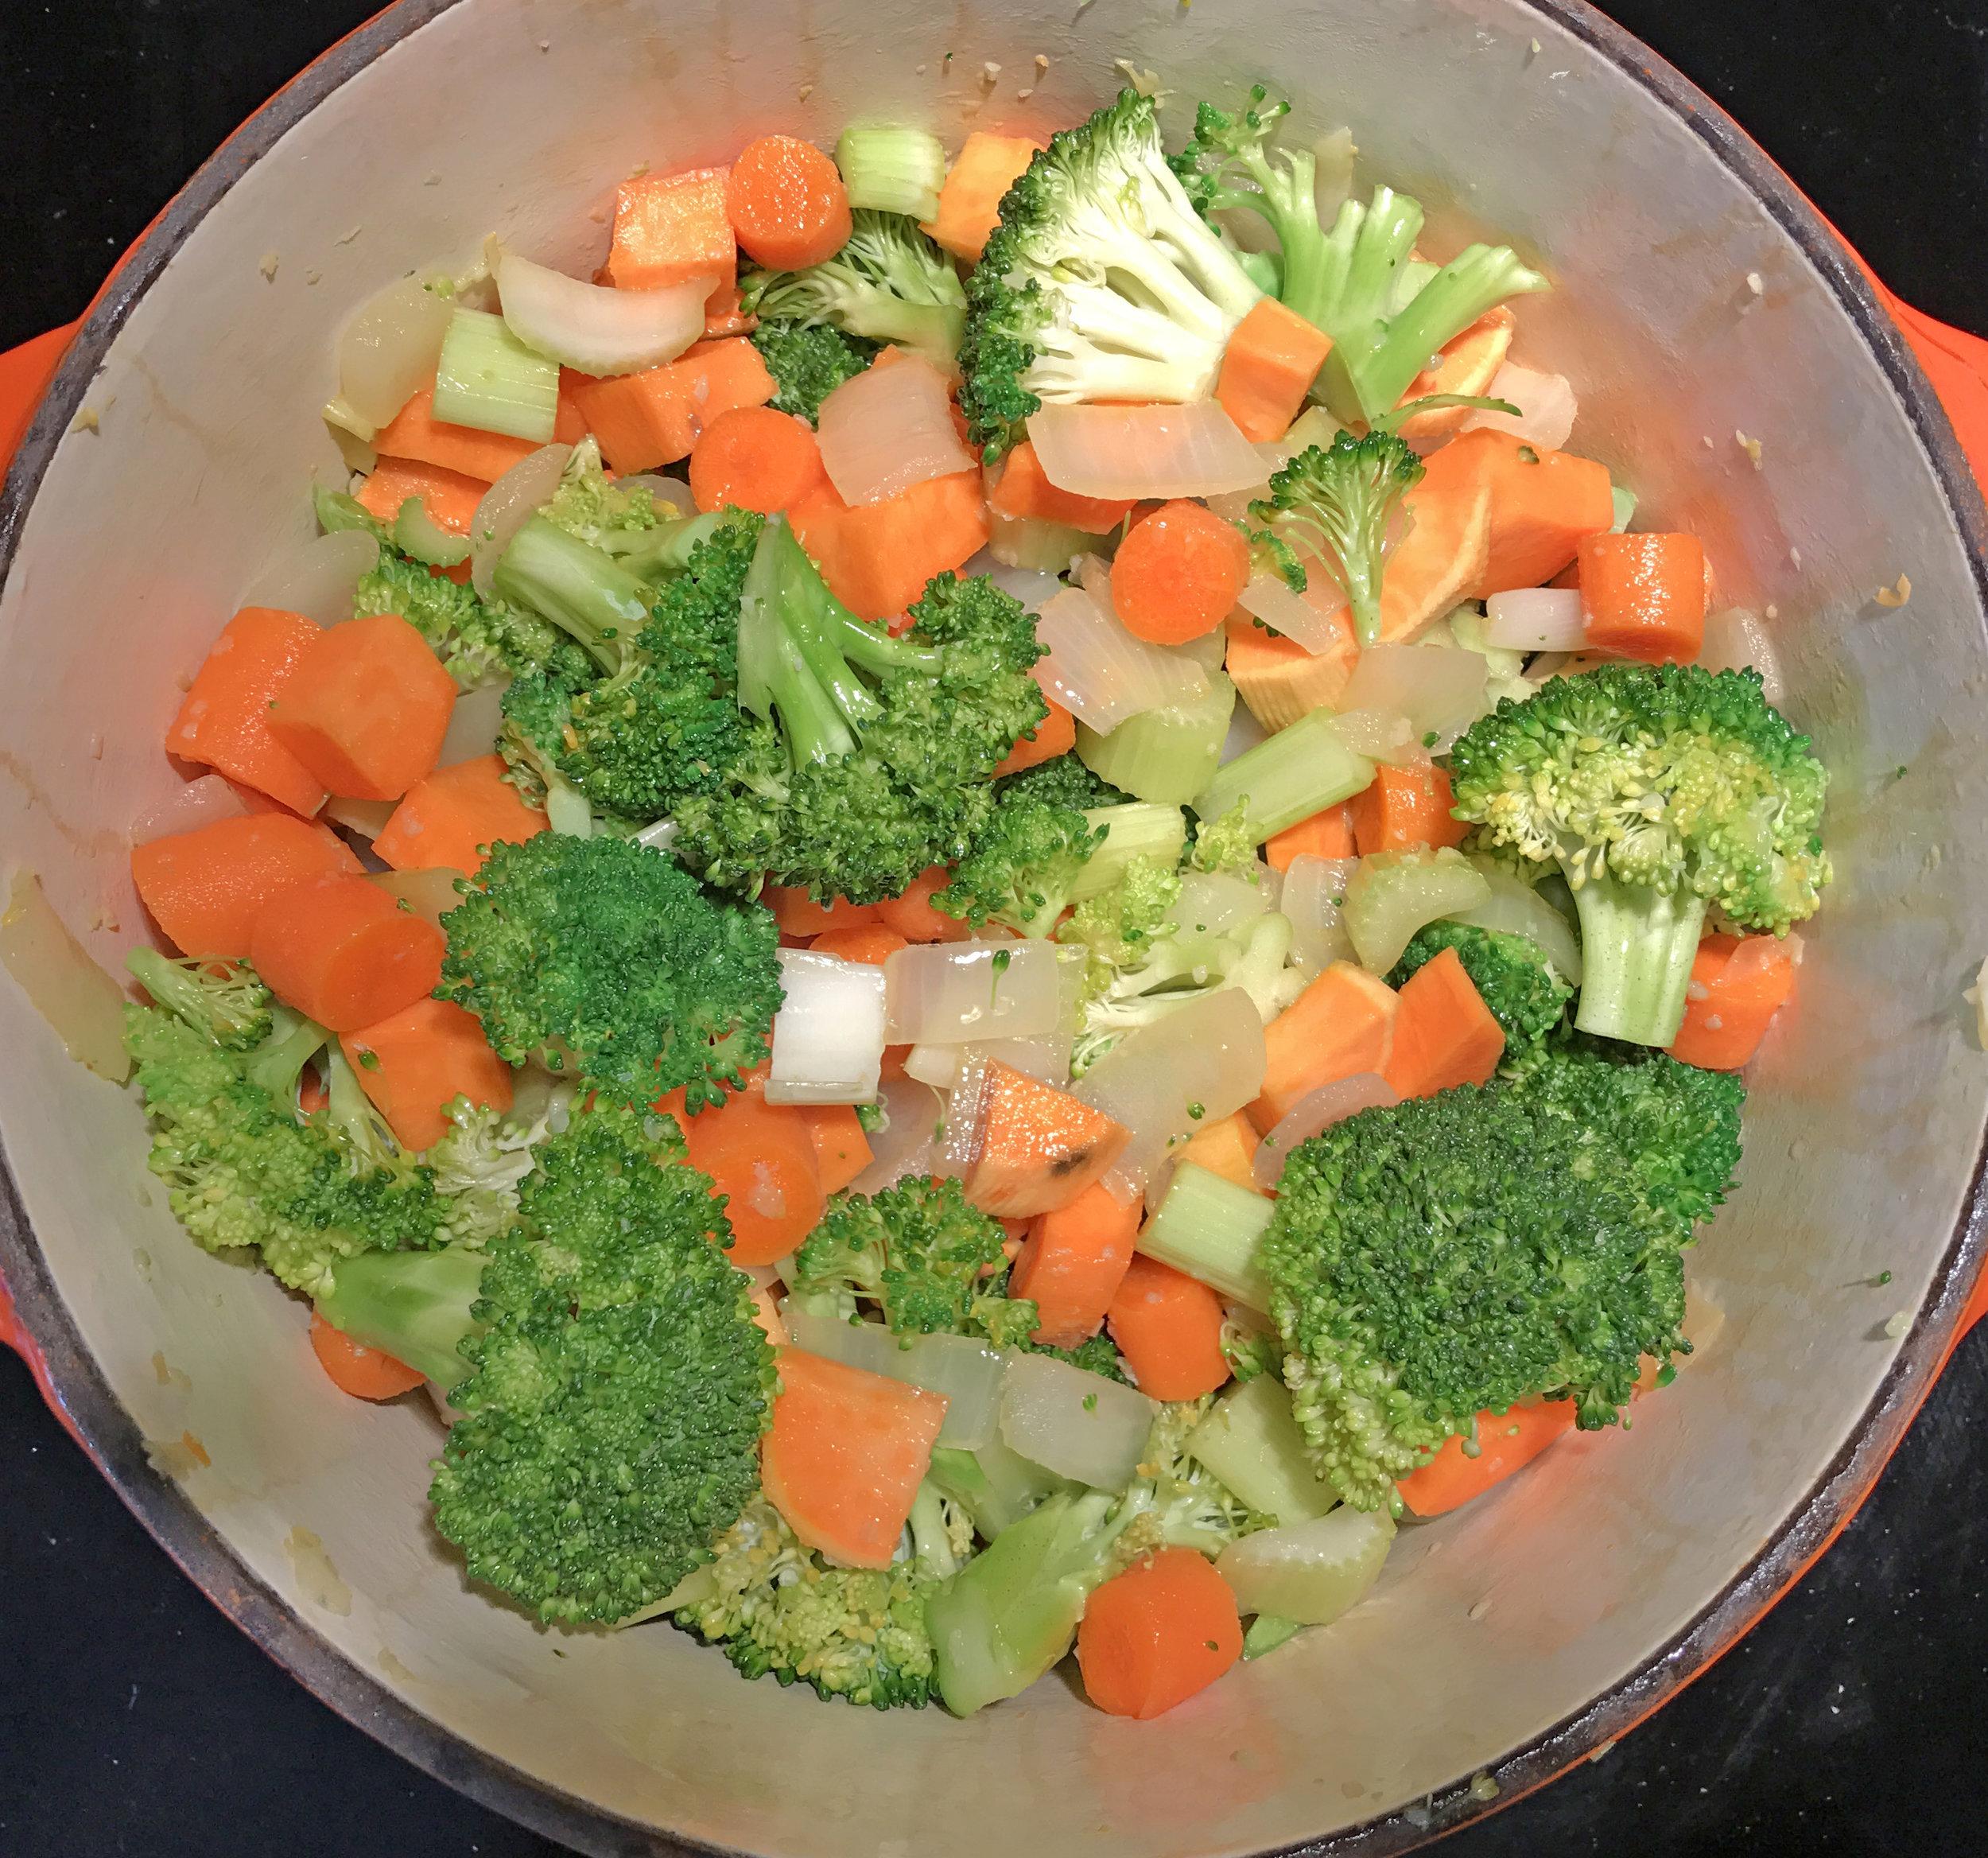 Veggie in pot